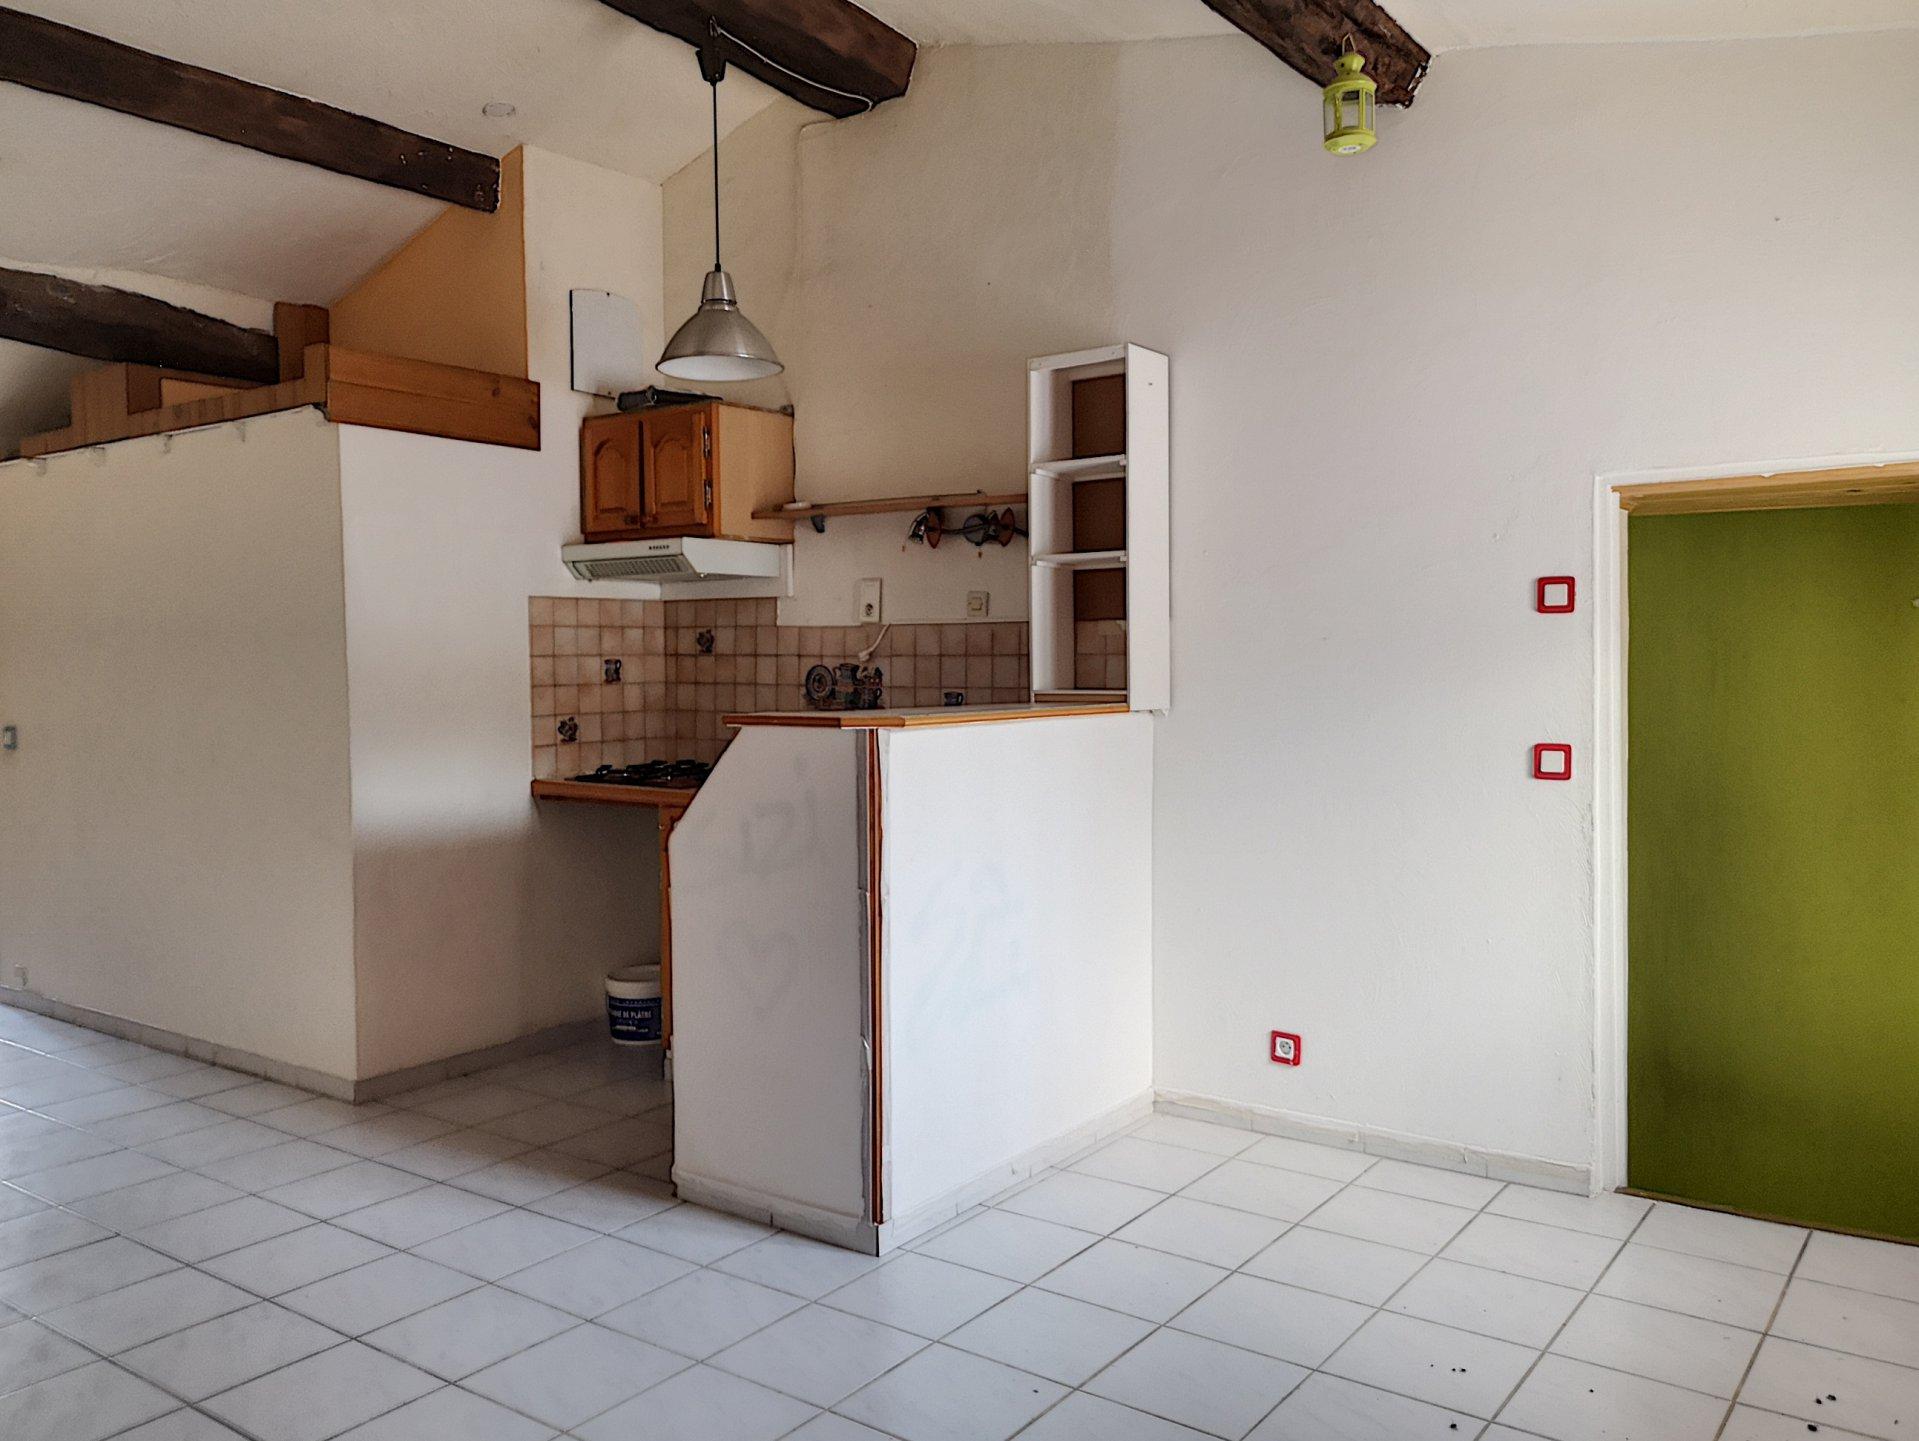 LE BROC (06510) - APPARTEMENT - STUDIO - 560€/mois